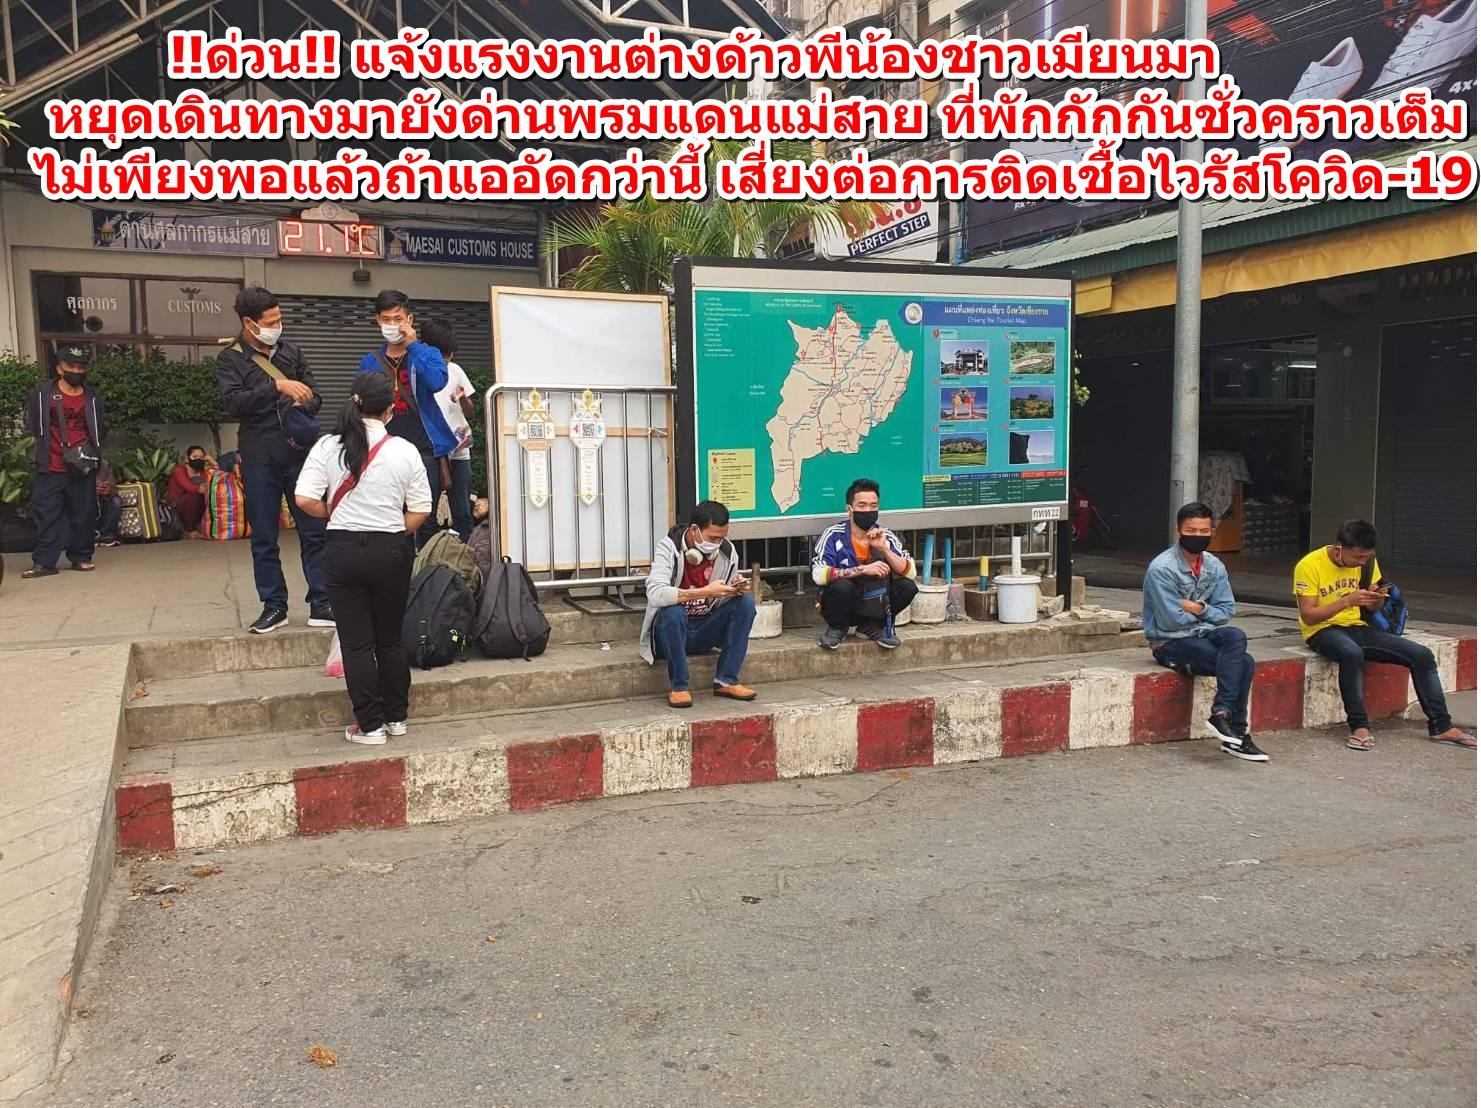 !!ด่วน!! แจ้งแรงงานต่างด้าวพีน้องชาวเมียนมา หยุดเดินทางมายังด่านพรมแดนแม่สาย ที่พักกักกันชั่วคราวเต็ม ไม่เพียงพอแล้วถ้าแออัดกว่านี้ เสี่ยงต่อการติดเชื้อไวรัสโควิด-19